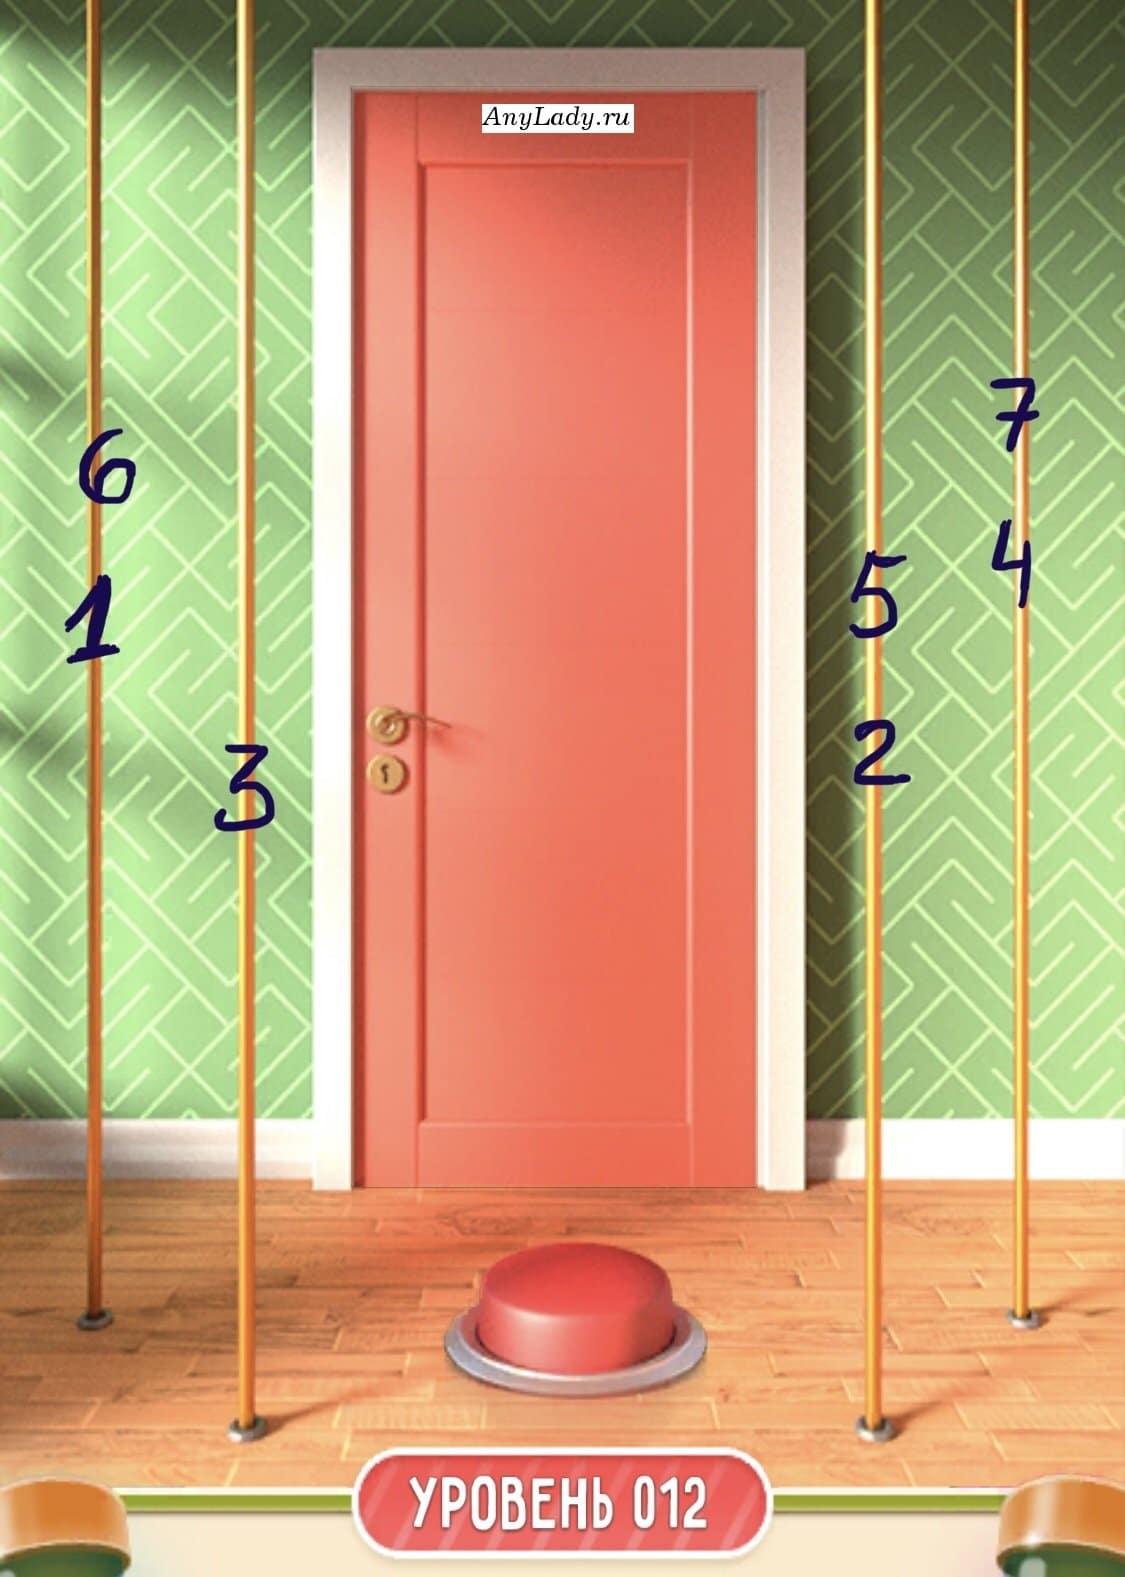 Необходимо нажать на кнопку и повторить последовательность игры на струнах. На картинке представлен порядок игры, по номерам.